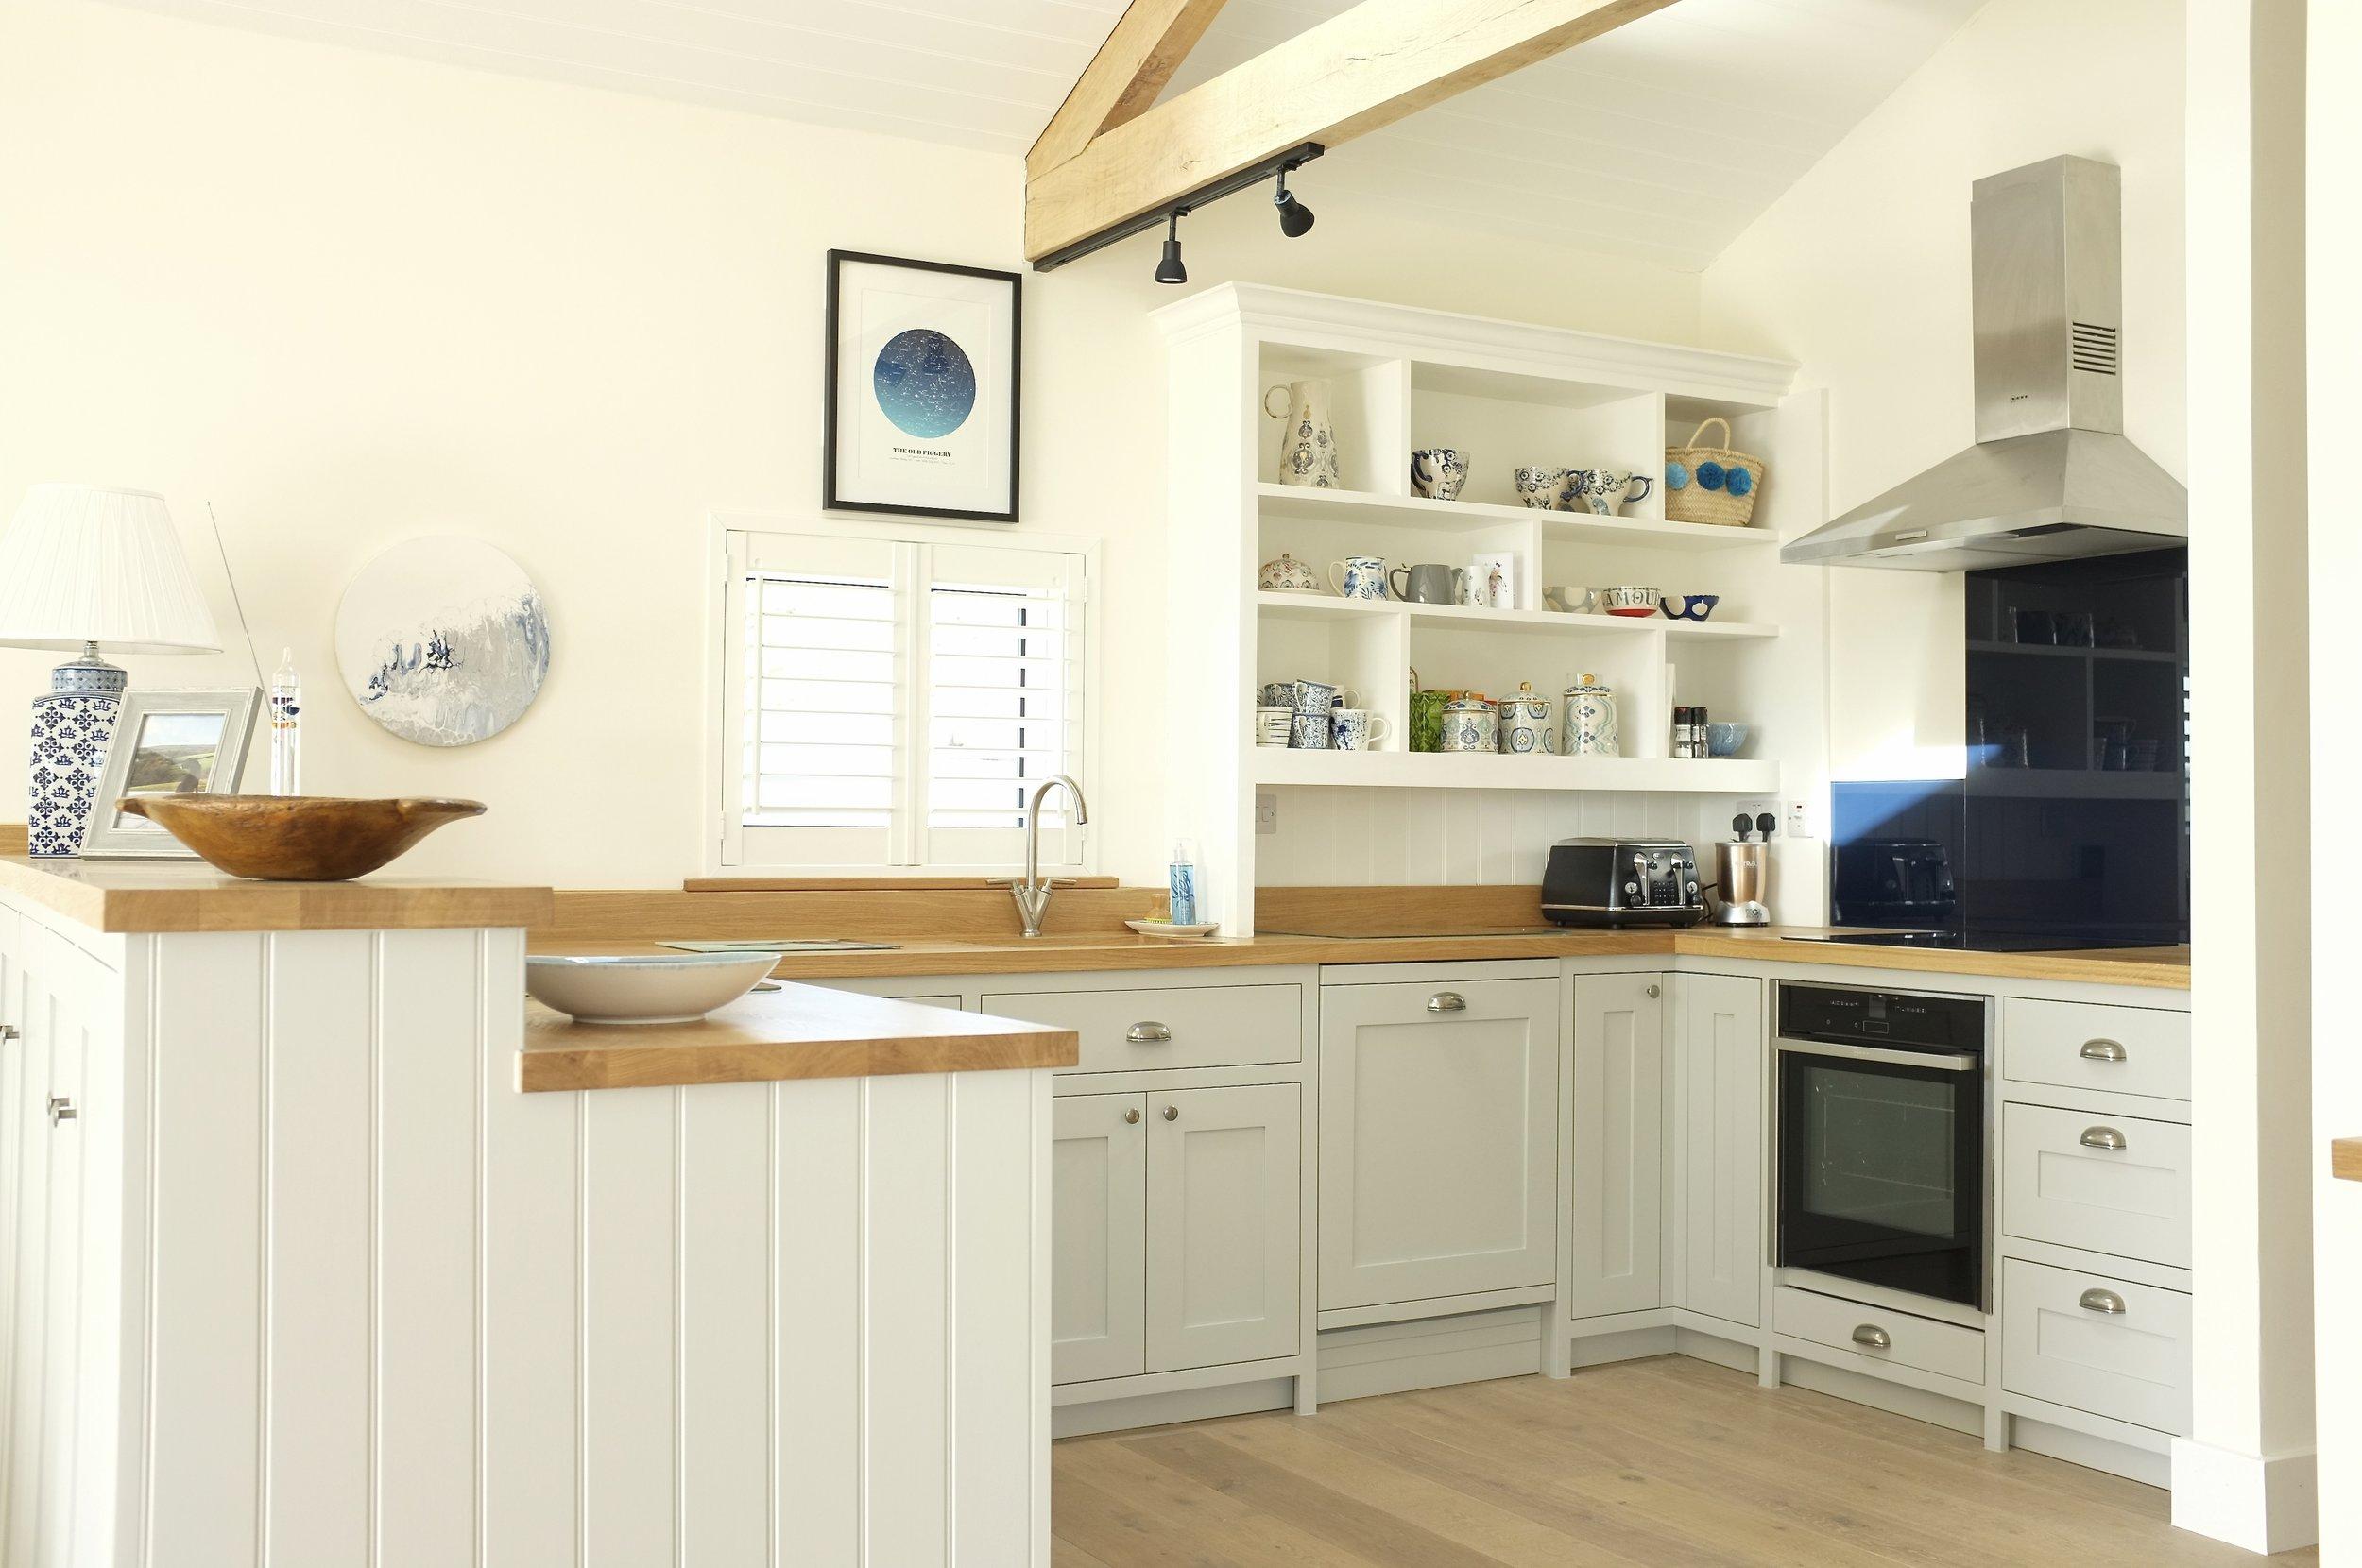 Piggery_Kitchen.jpeg